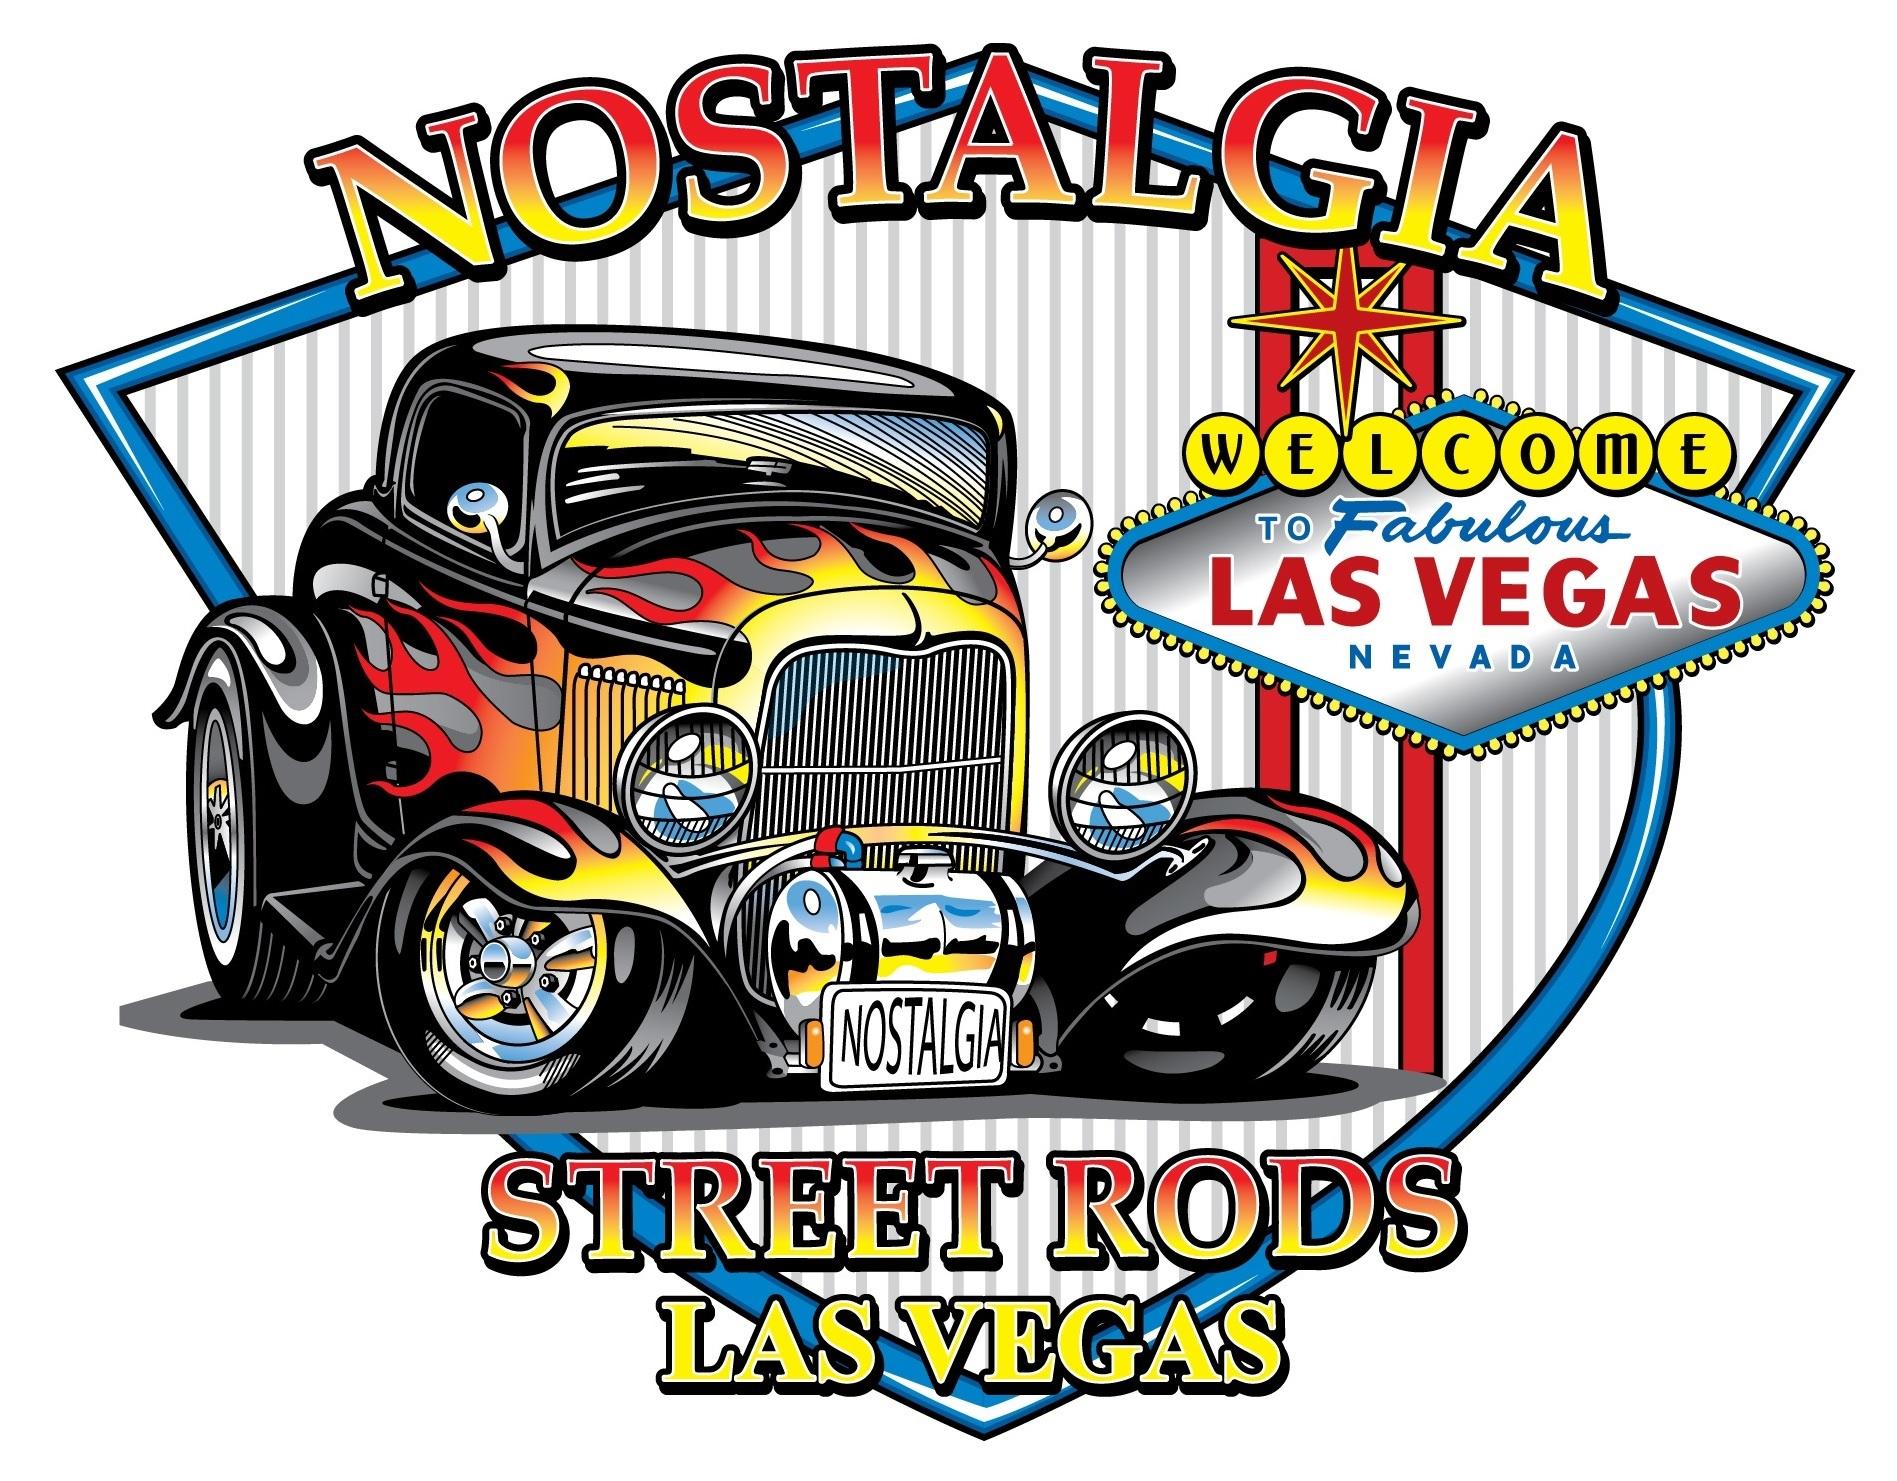 Nostalgia Street Rods Las Vegas